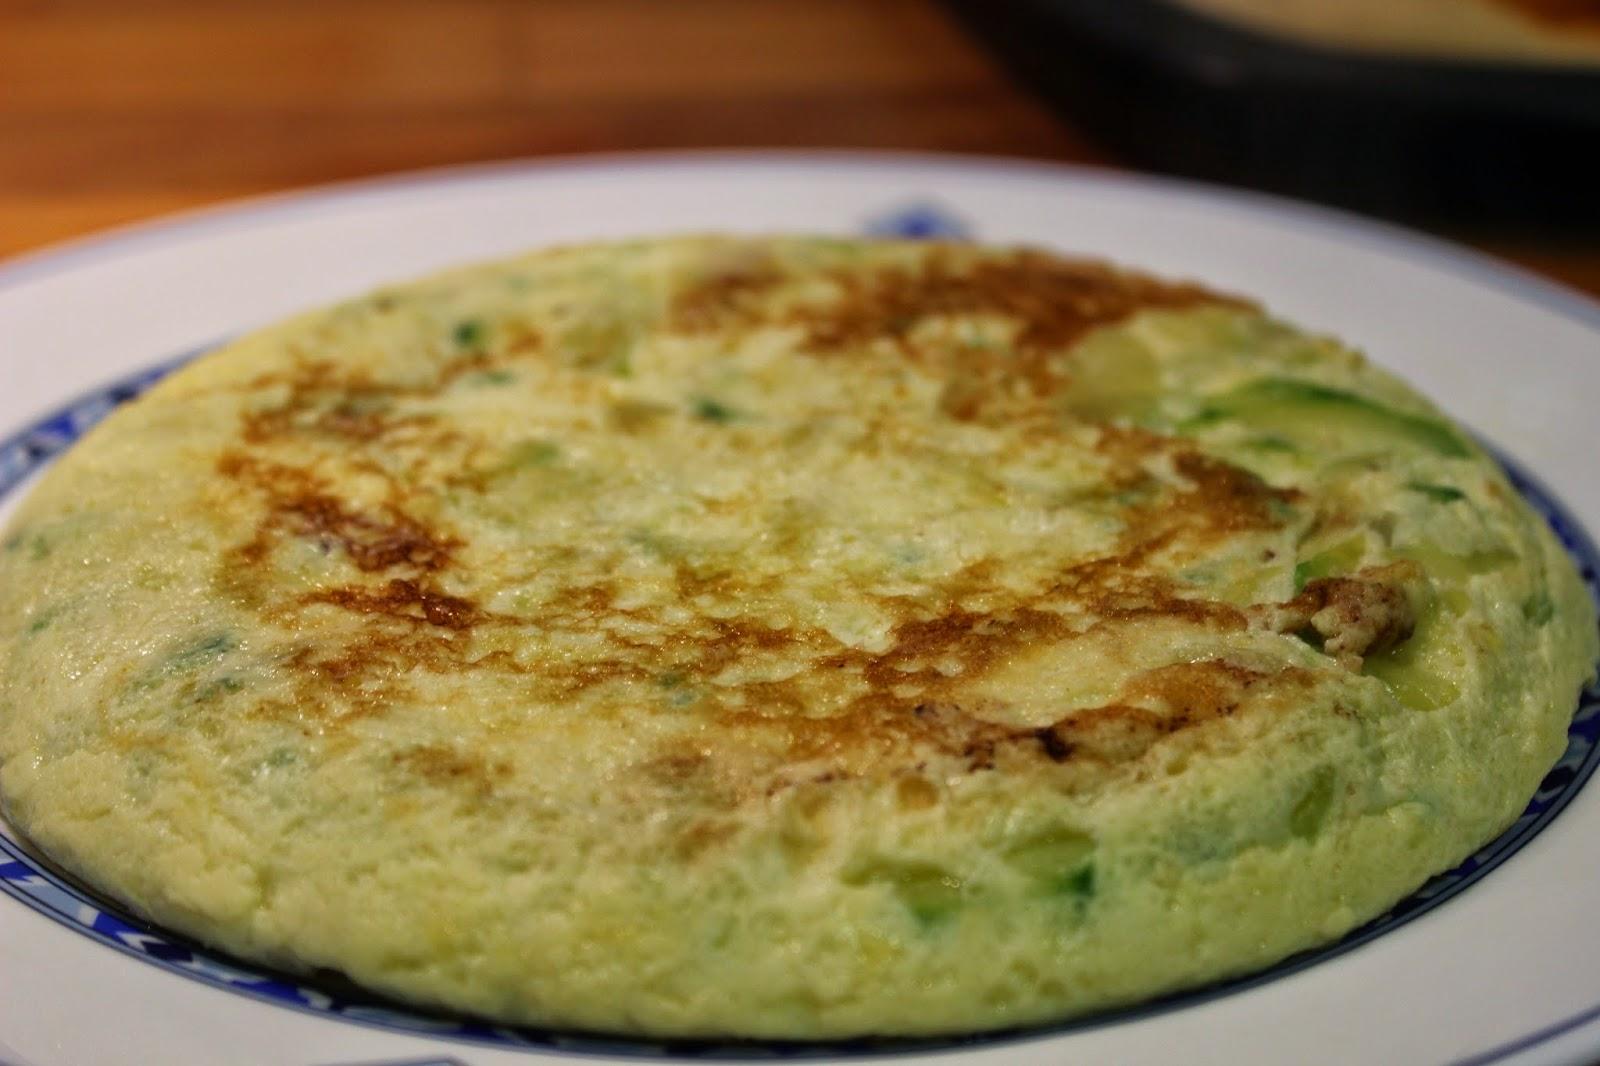 La cocina de gibello tortilla de calabacin y cebolla - Tortilla de calabacin y cebolla ...